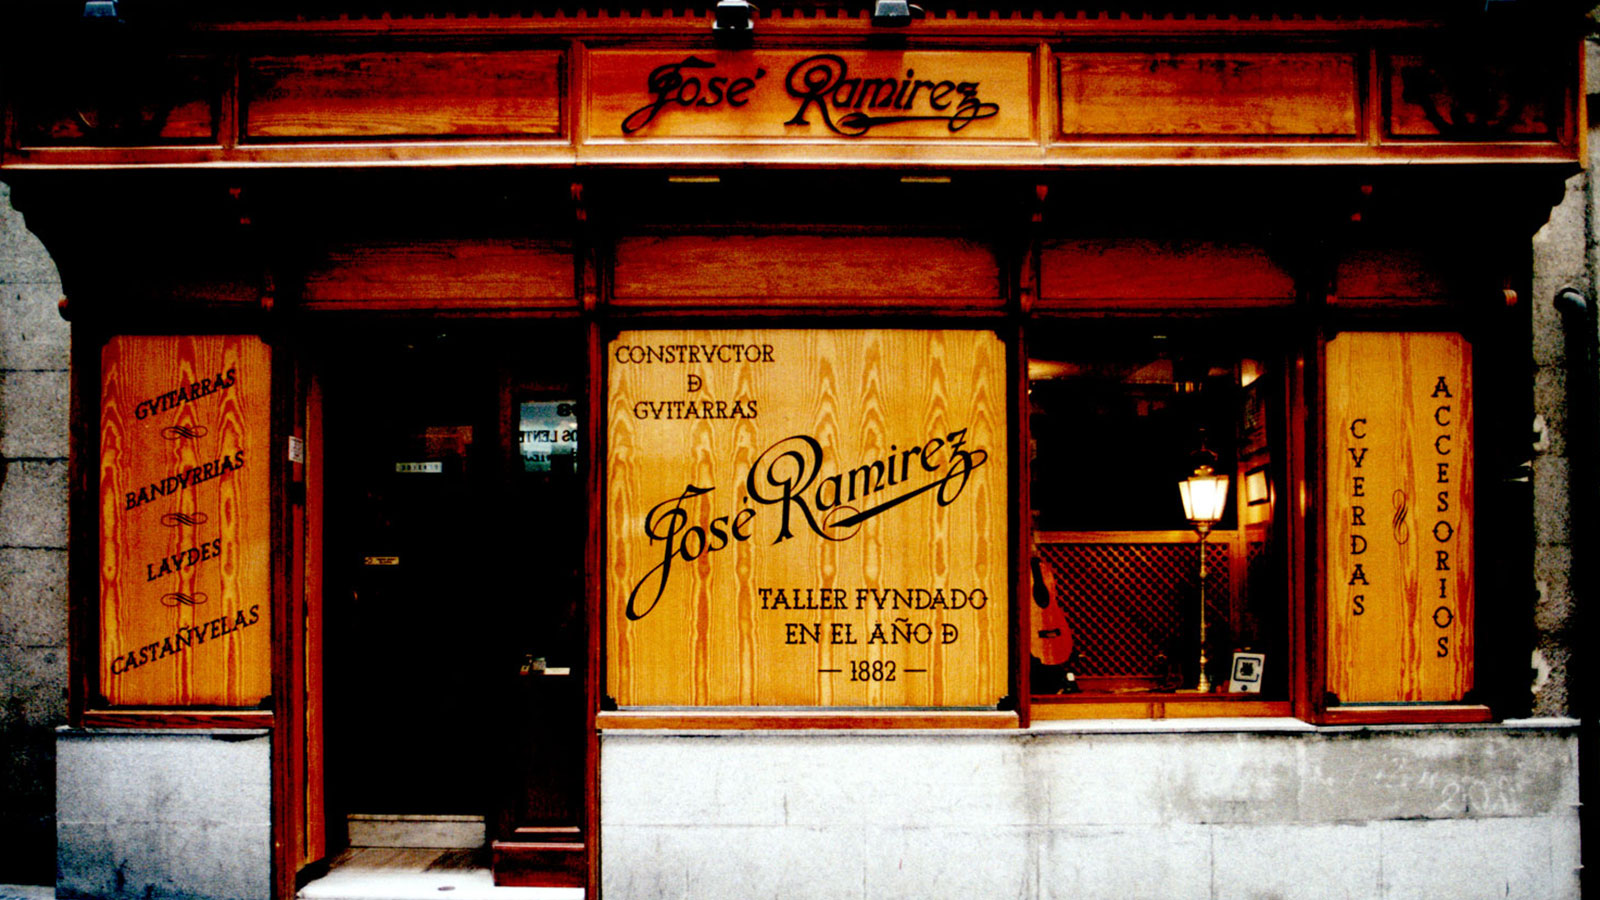 Tienda Guitarras Ramirez